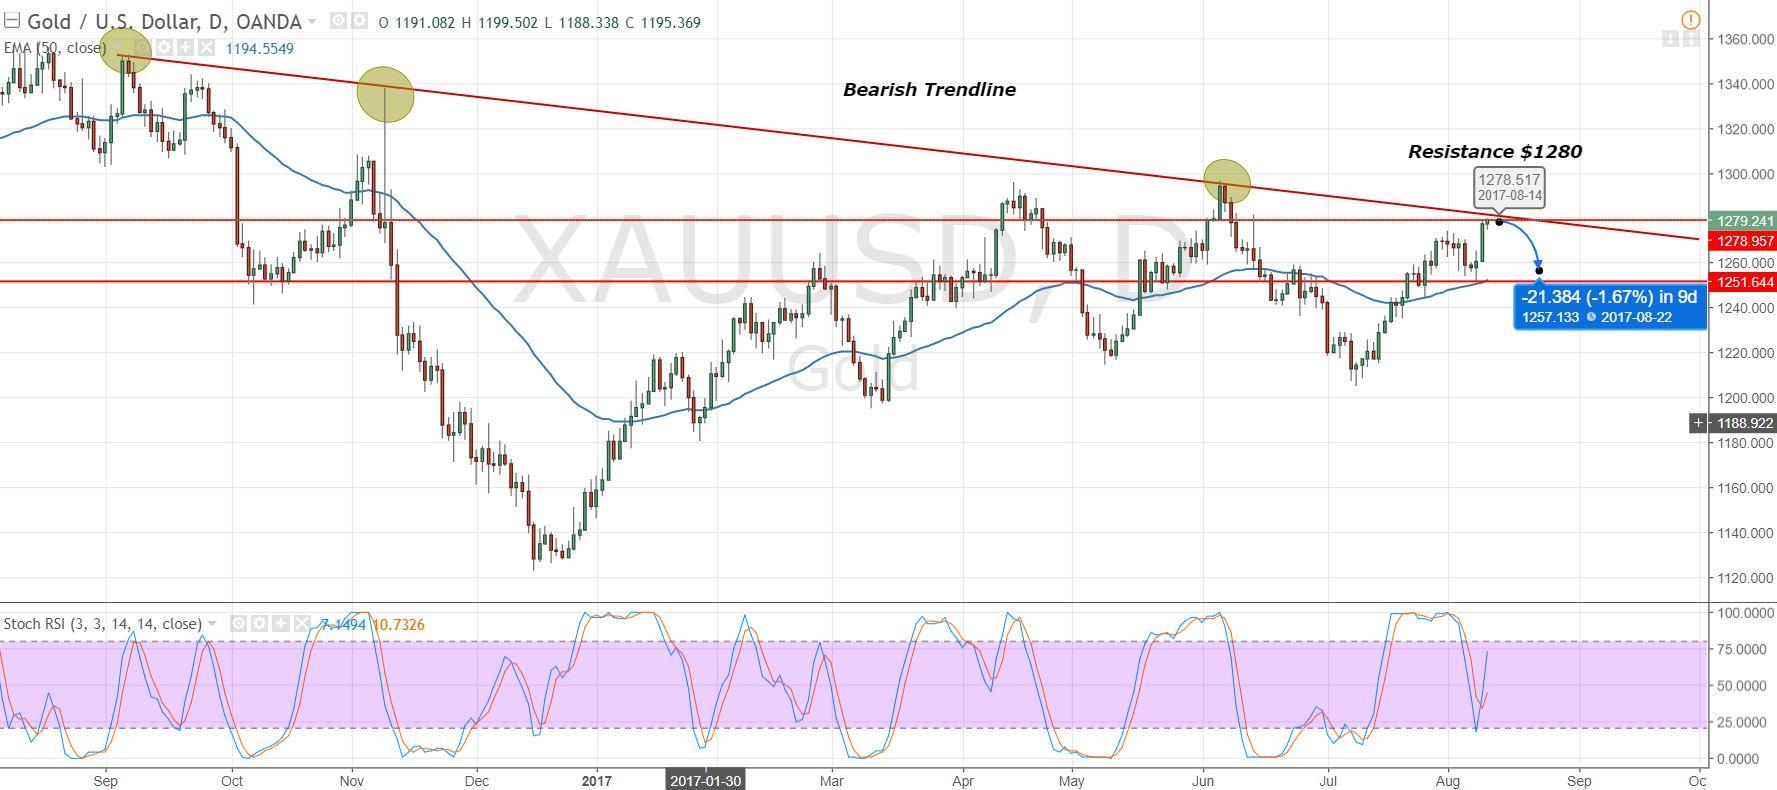 Gold - Daily Timeframe - Bearish Trendline Pattern